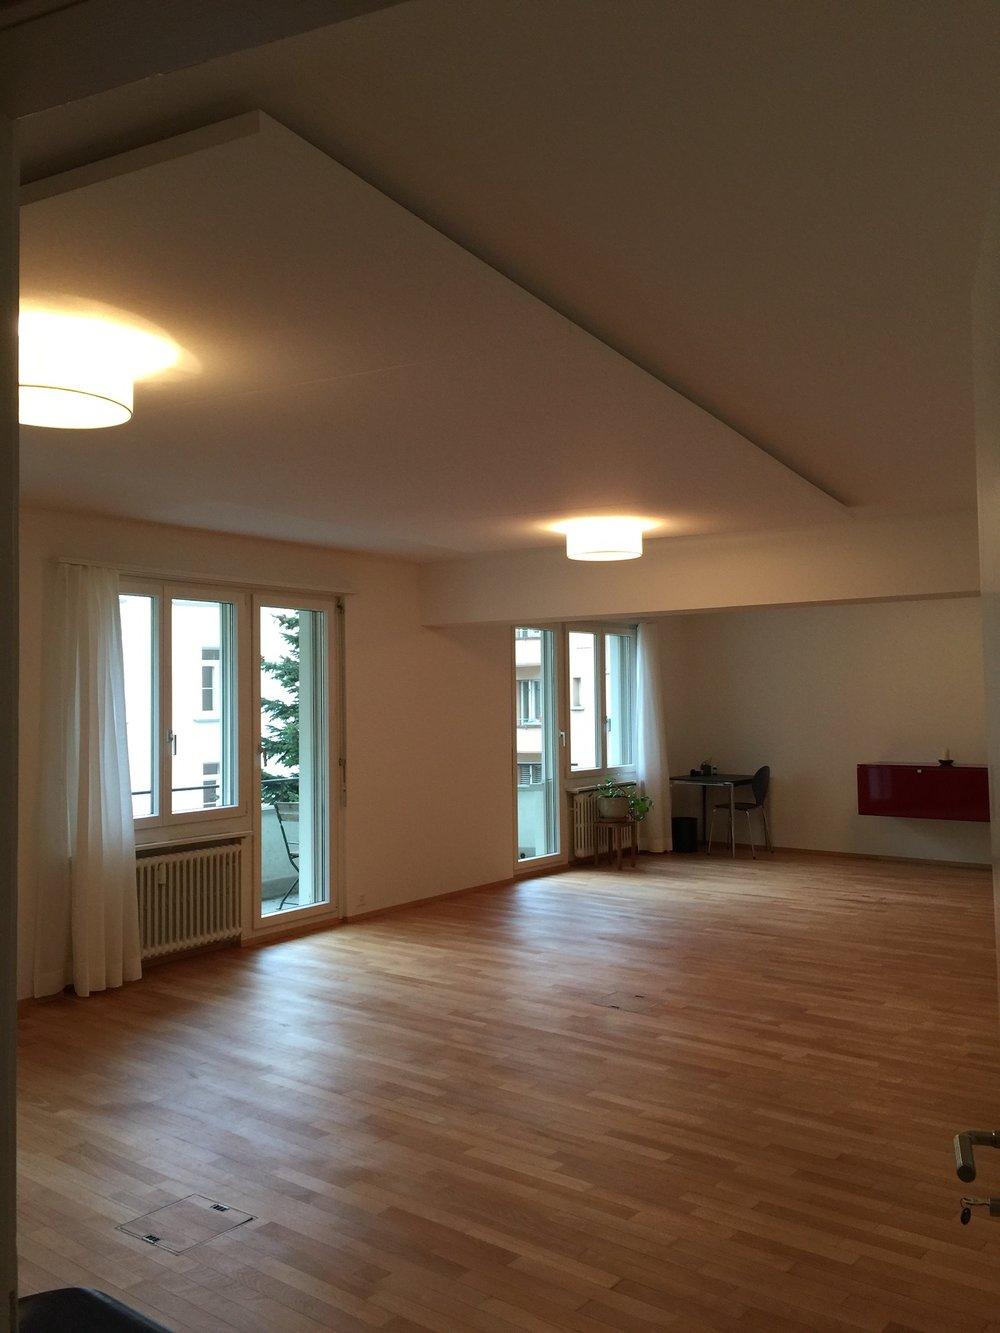 Amrein Praxis, Luzern